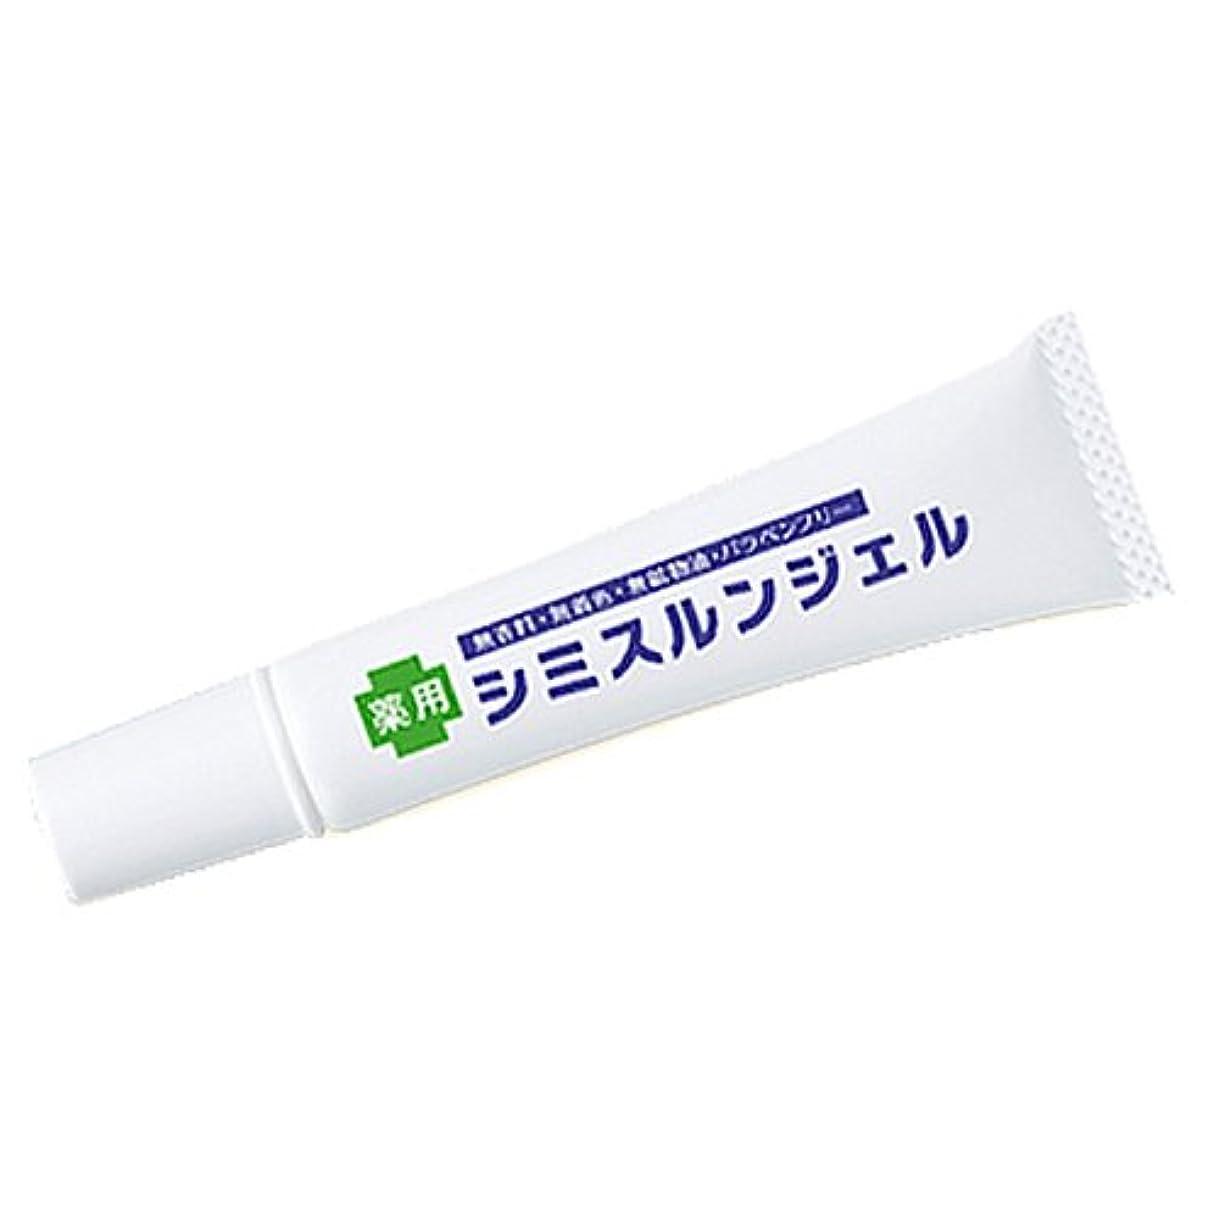 ホイッスルペグマイナスナクナーレ 薬用シミスルンジェル 医薬部外品